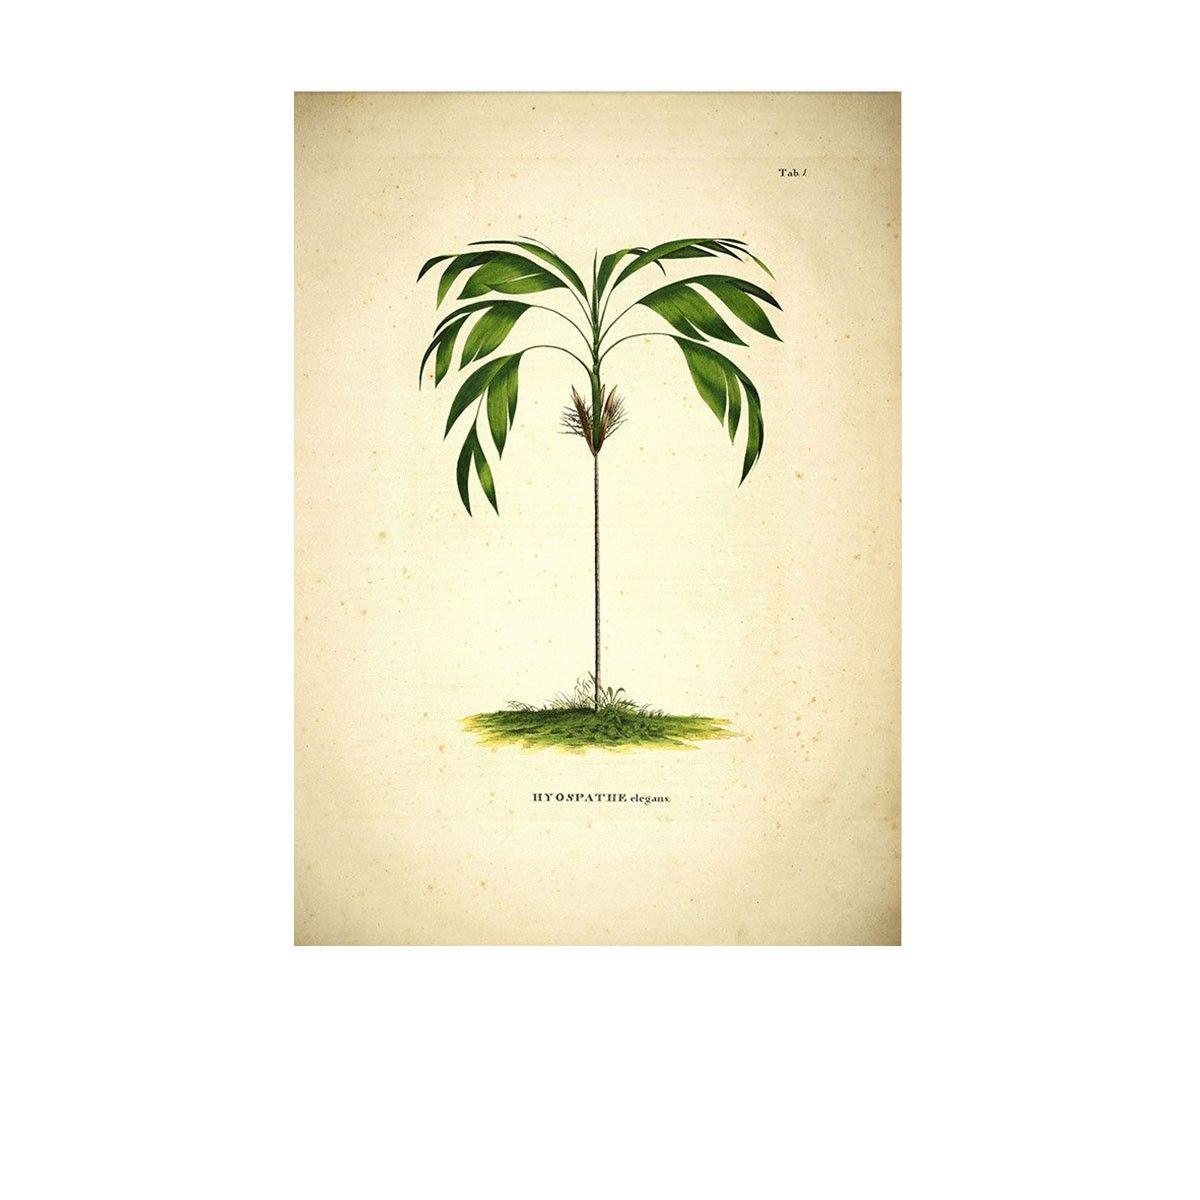 affiche botanique palmier hyospathe elegans un palmier joliment illustr magnifi par cette. Black Bedroom Furniture Sets. Home Design Ideas